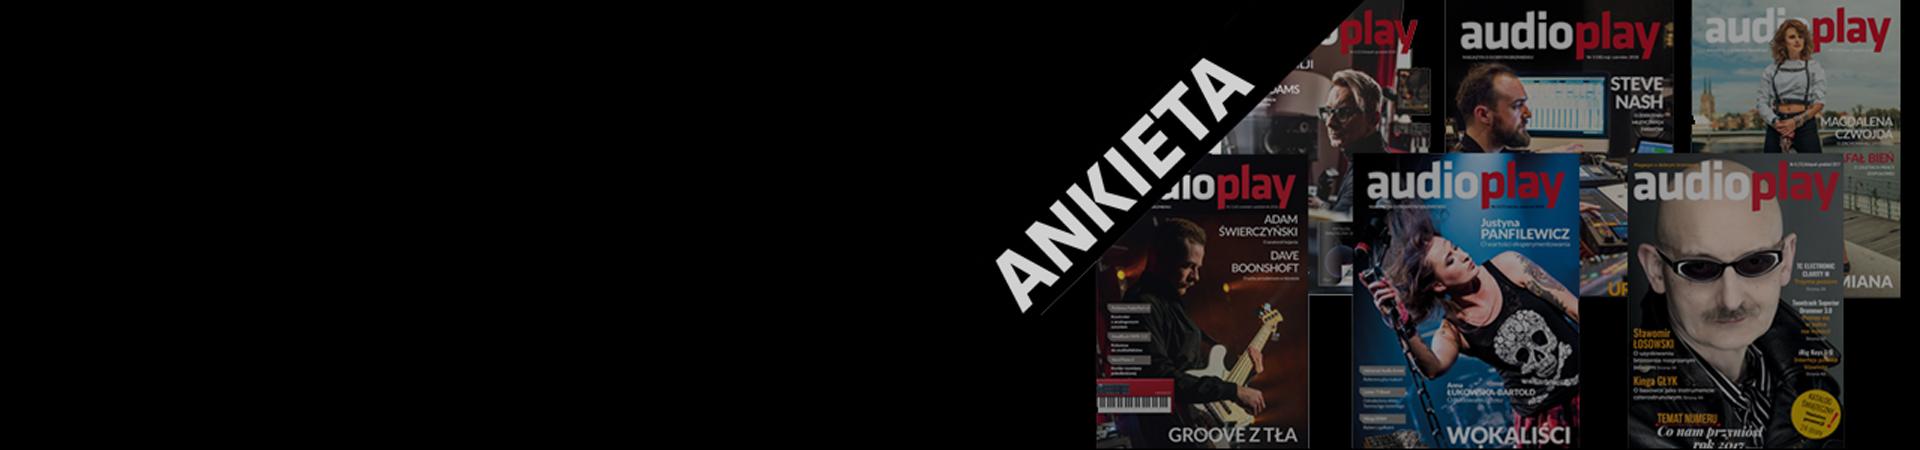 """ANKIETA: Co myślisz o magazynie """"AudioPlay""""?"""